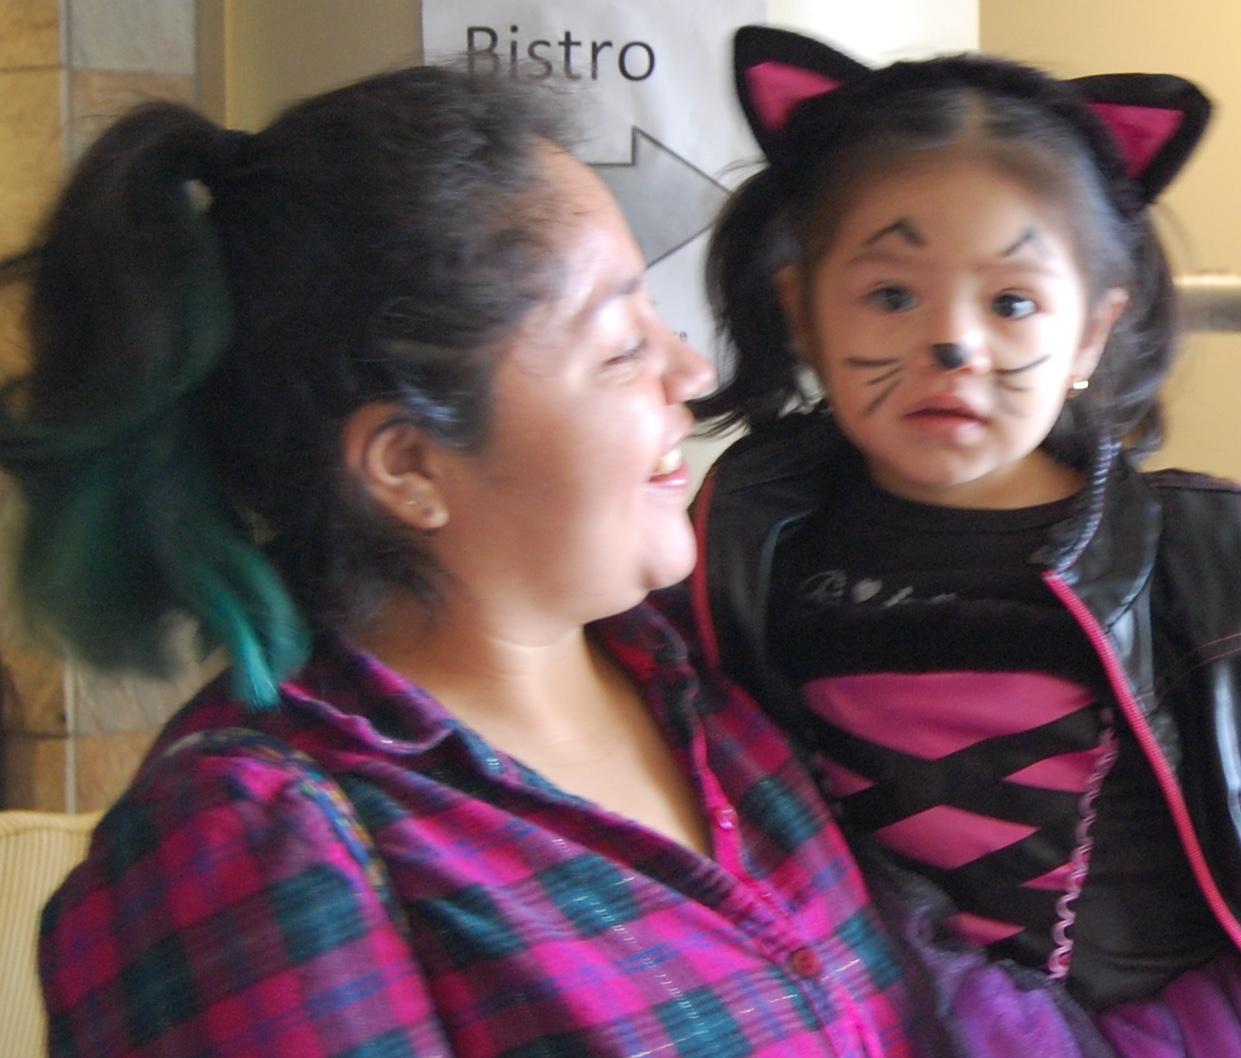 Pre-schooler in Hallowe'en costume and caregiver